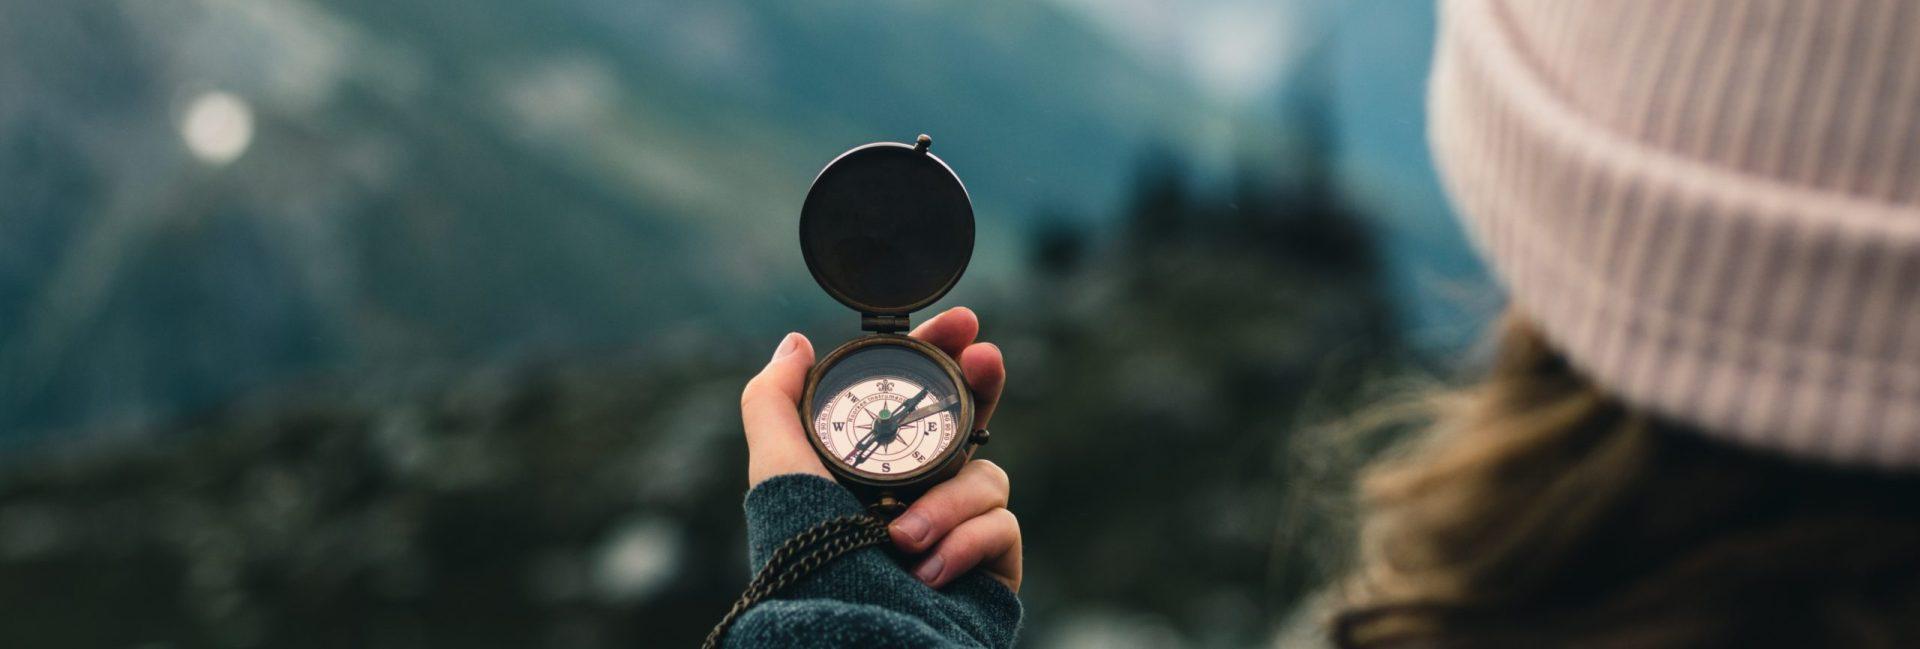 Pourquoi et comment donner du sens à sa vie professionnelle ? 1